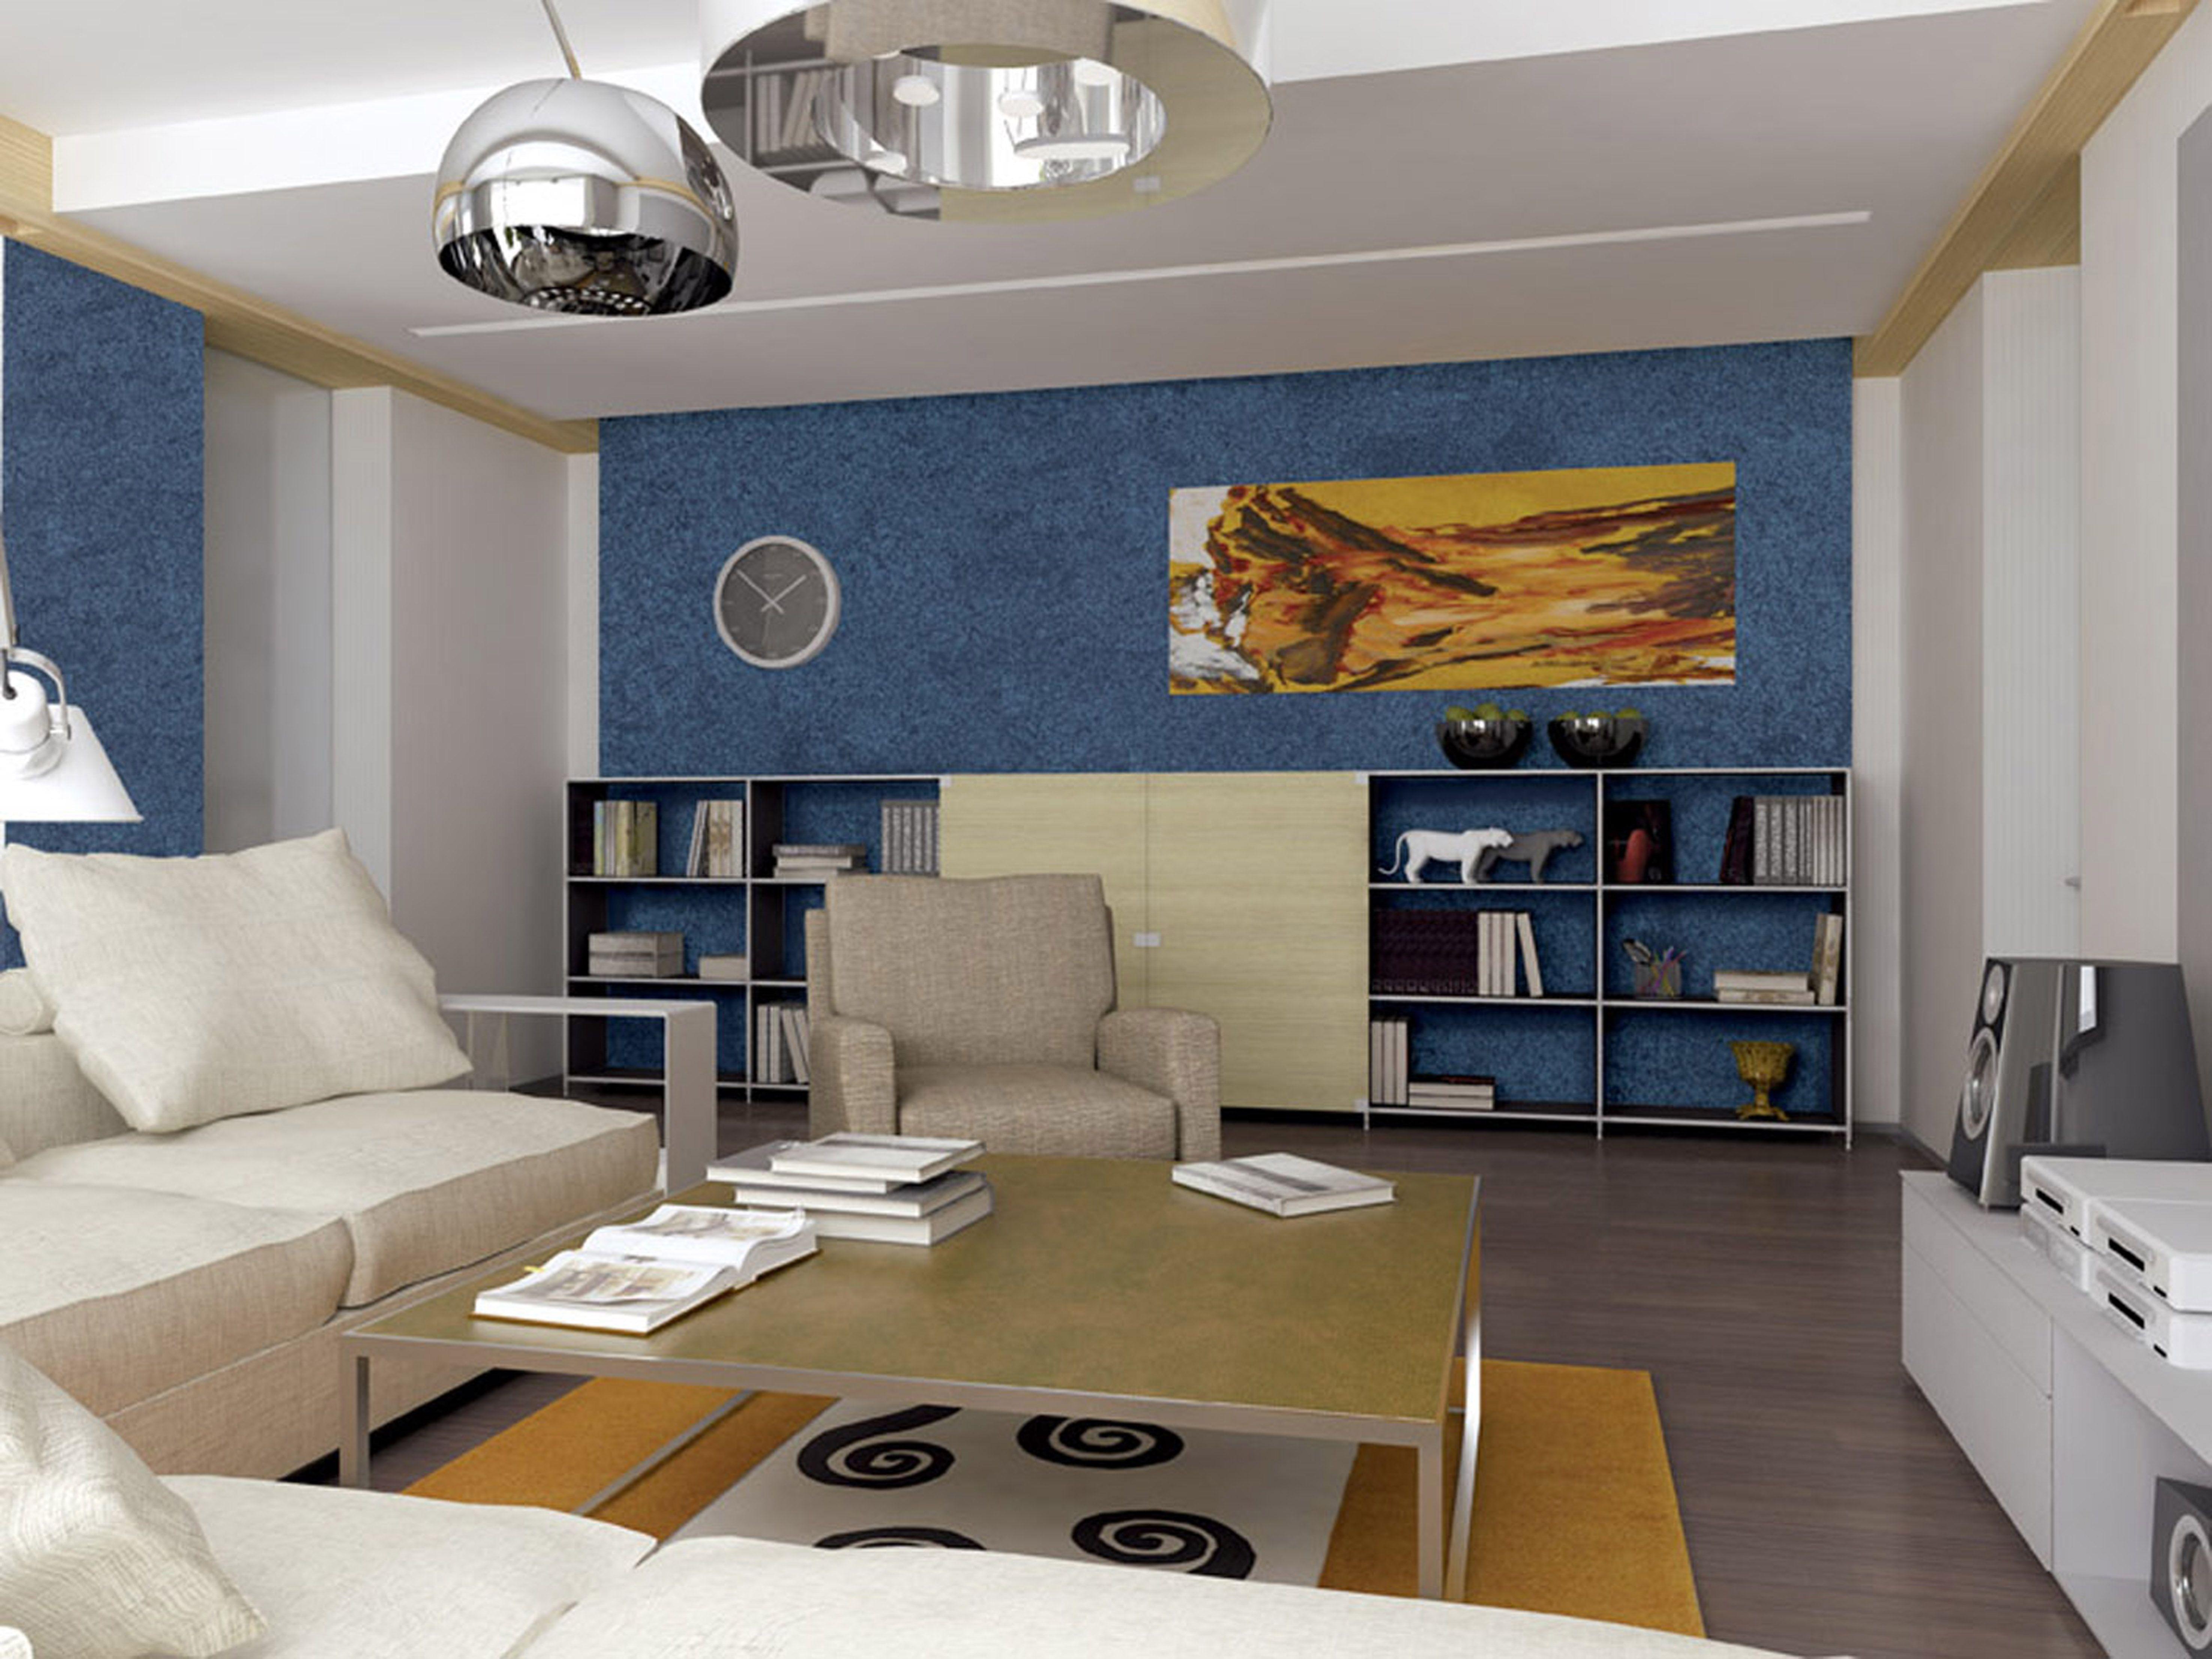 Decoracion contemporaneo sala de estar dibujos for Imitacion replica lamparas diseno